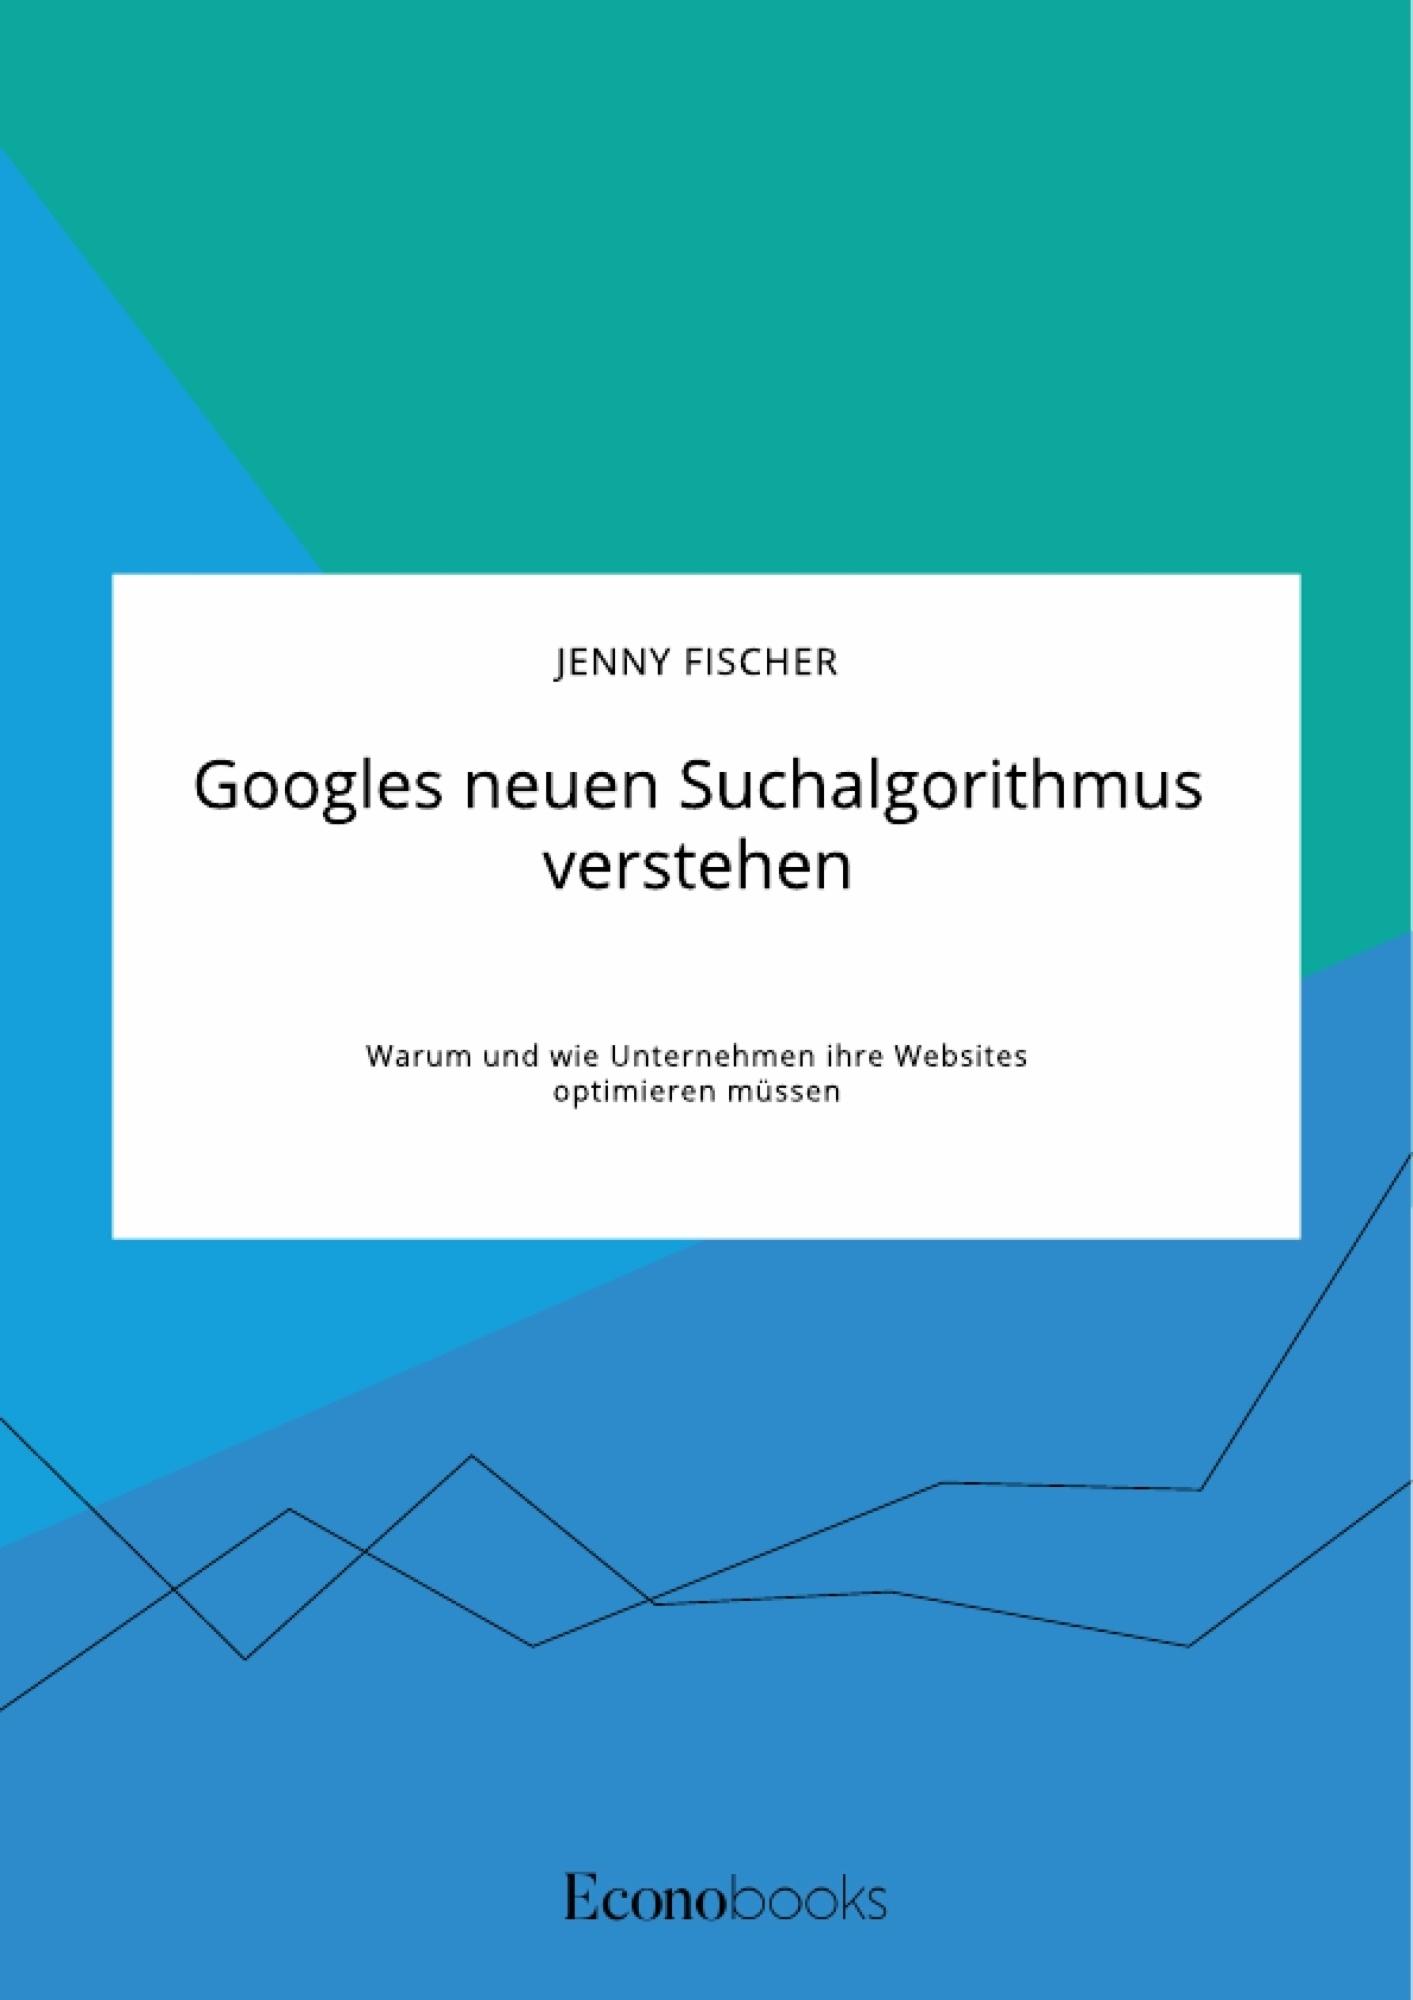 Titel: Googles neuen Suchalgorithmus verstehen. Warum und wie Unternehmen ihre Websites optimieren müssen